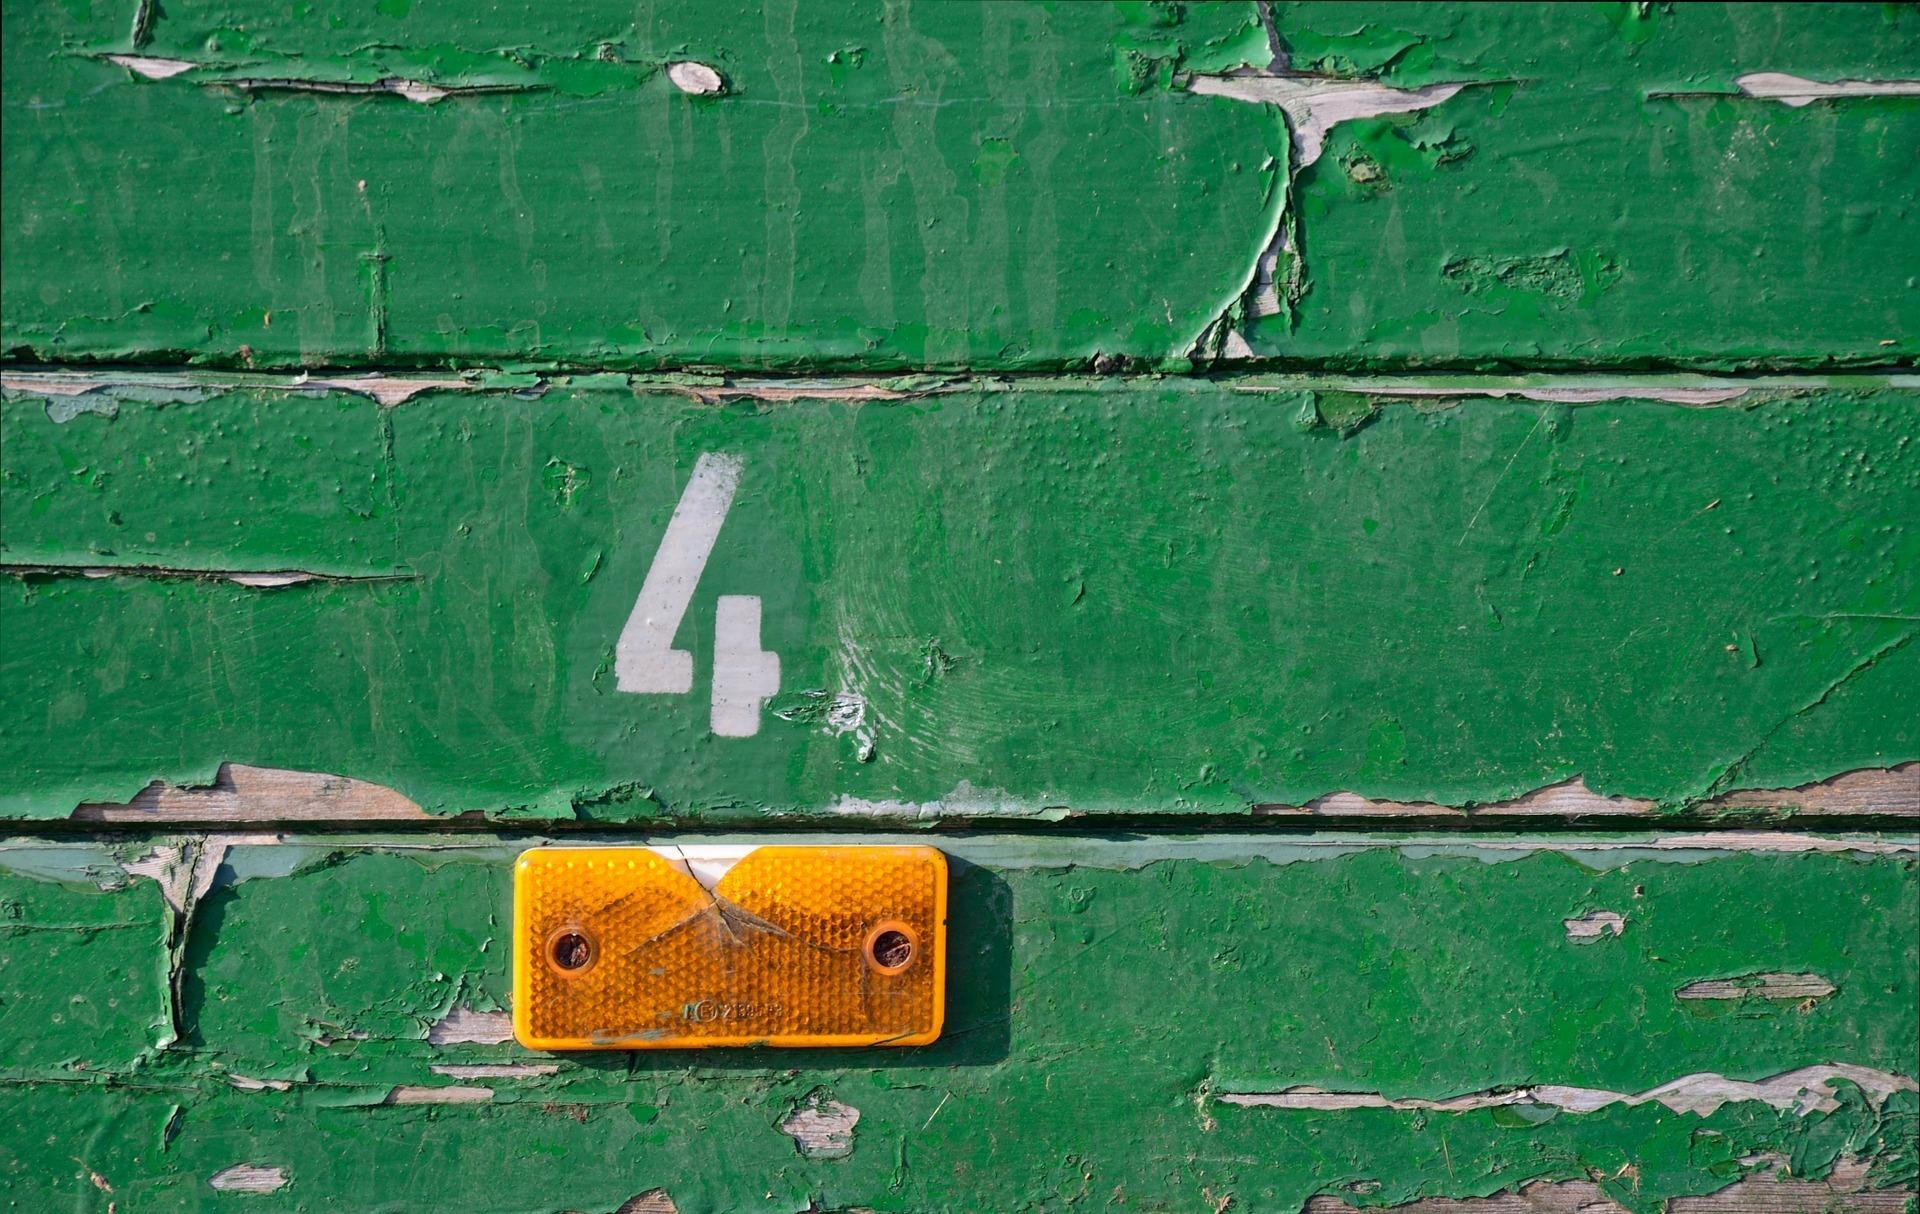 数字4の写真 Number Four